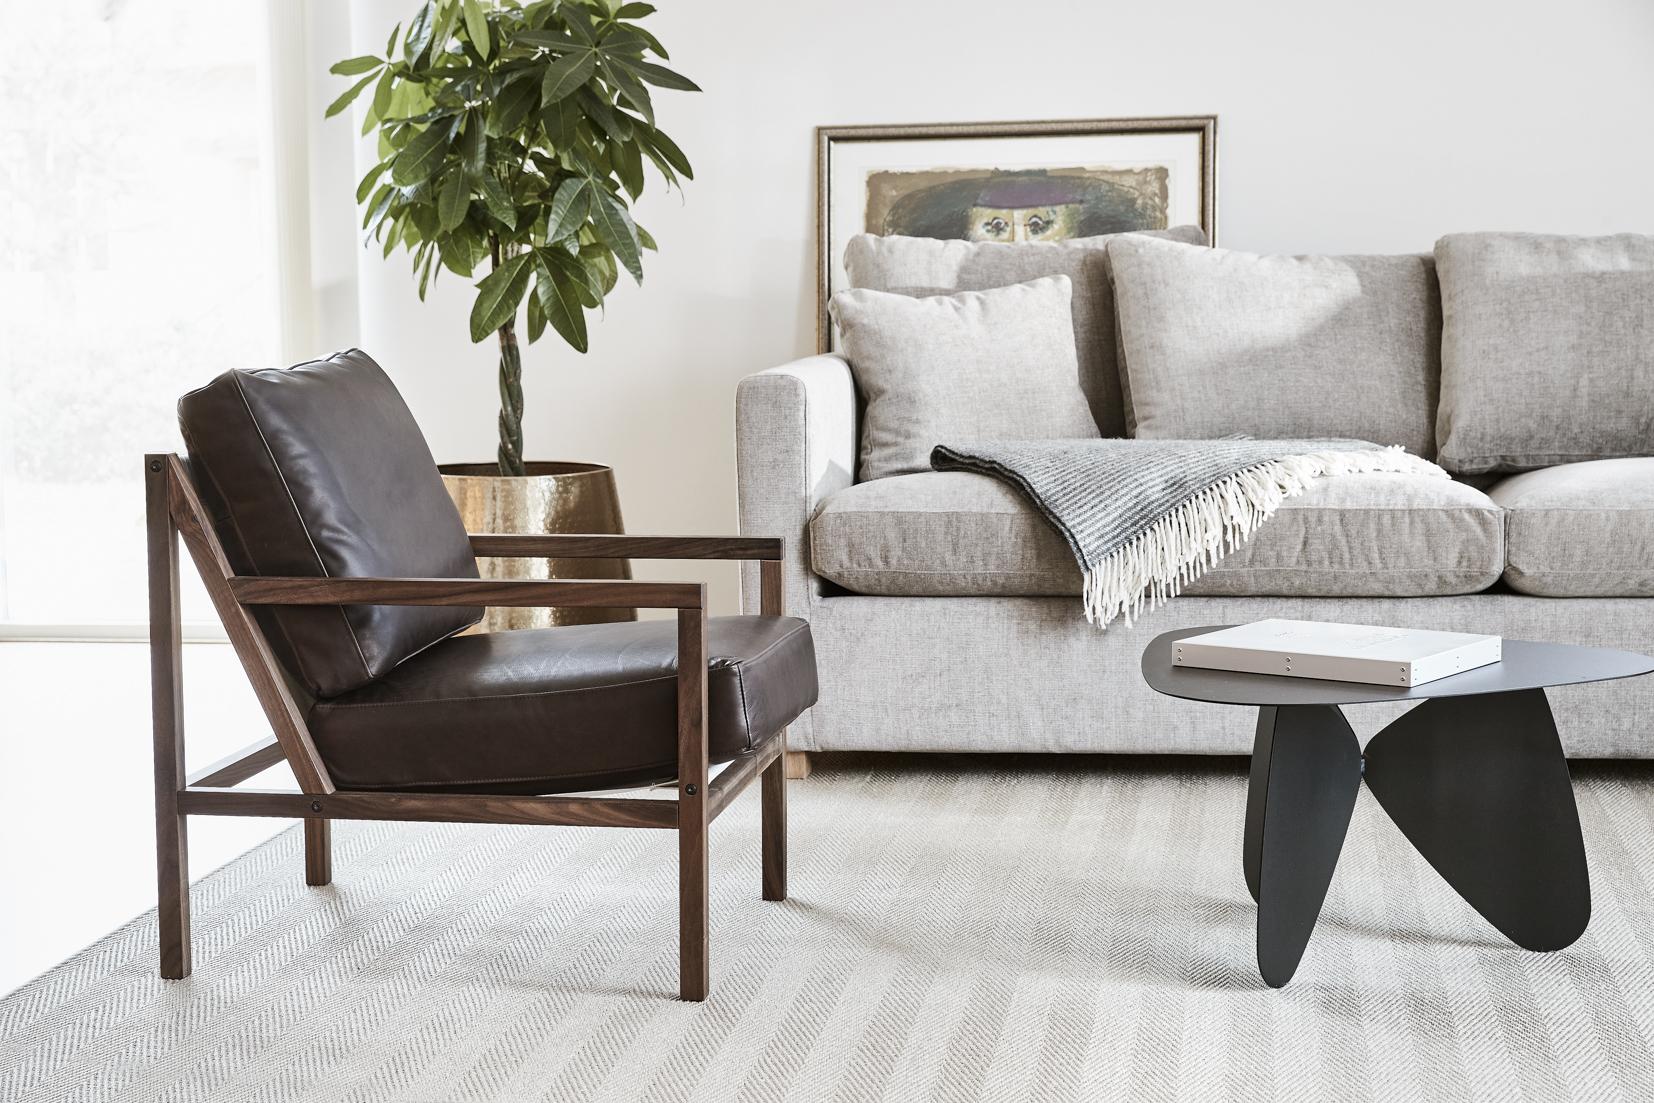 seventy five wood ihreborn armchair